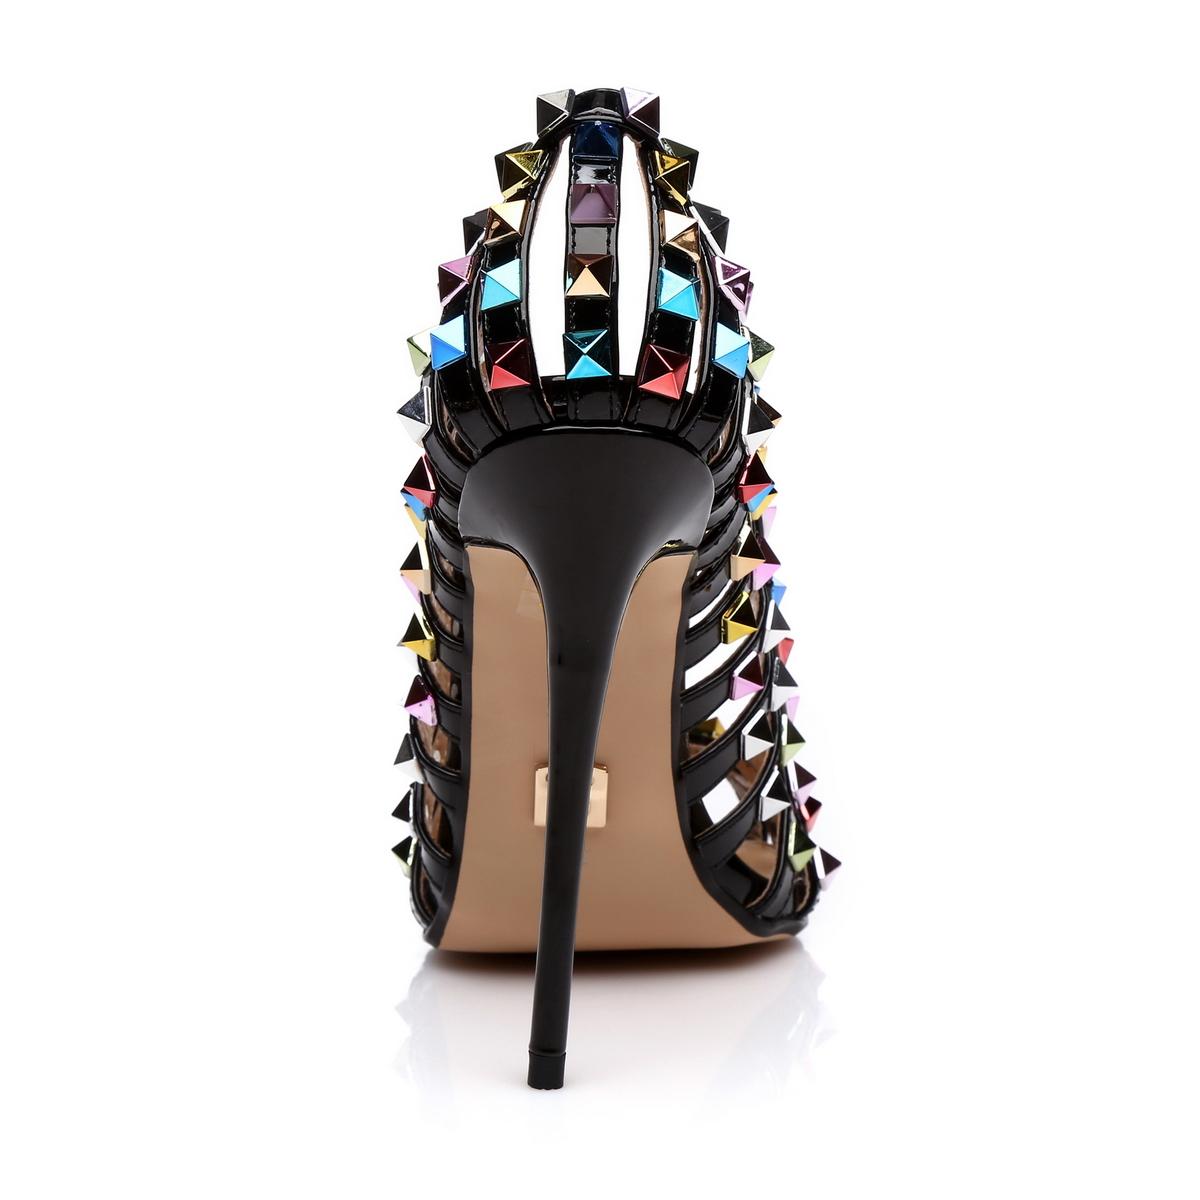 GIARO - Damen High Heel Pumps - Schwarz Schuhe in Übergrößen – Bild 3